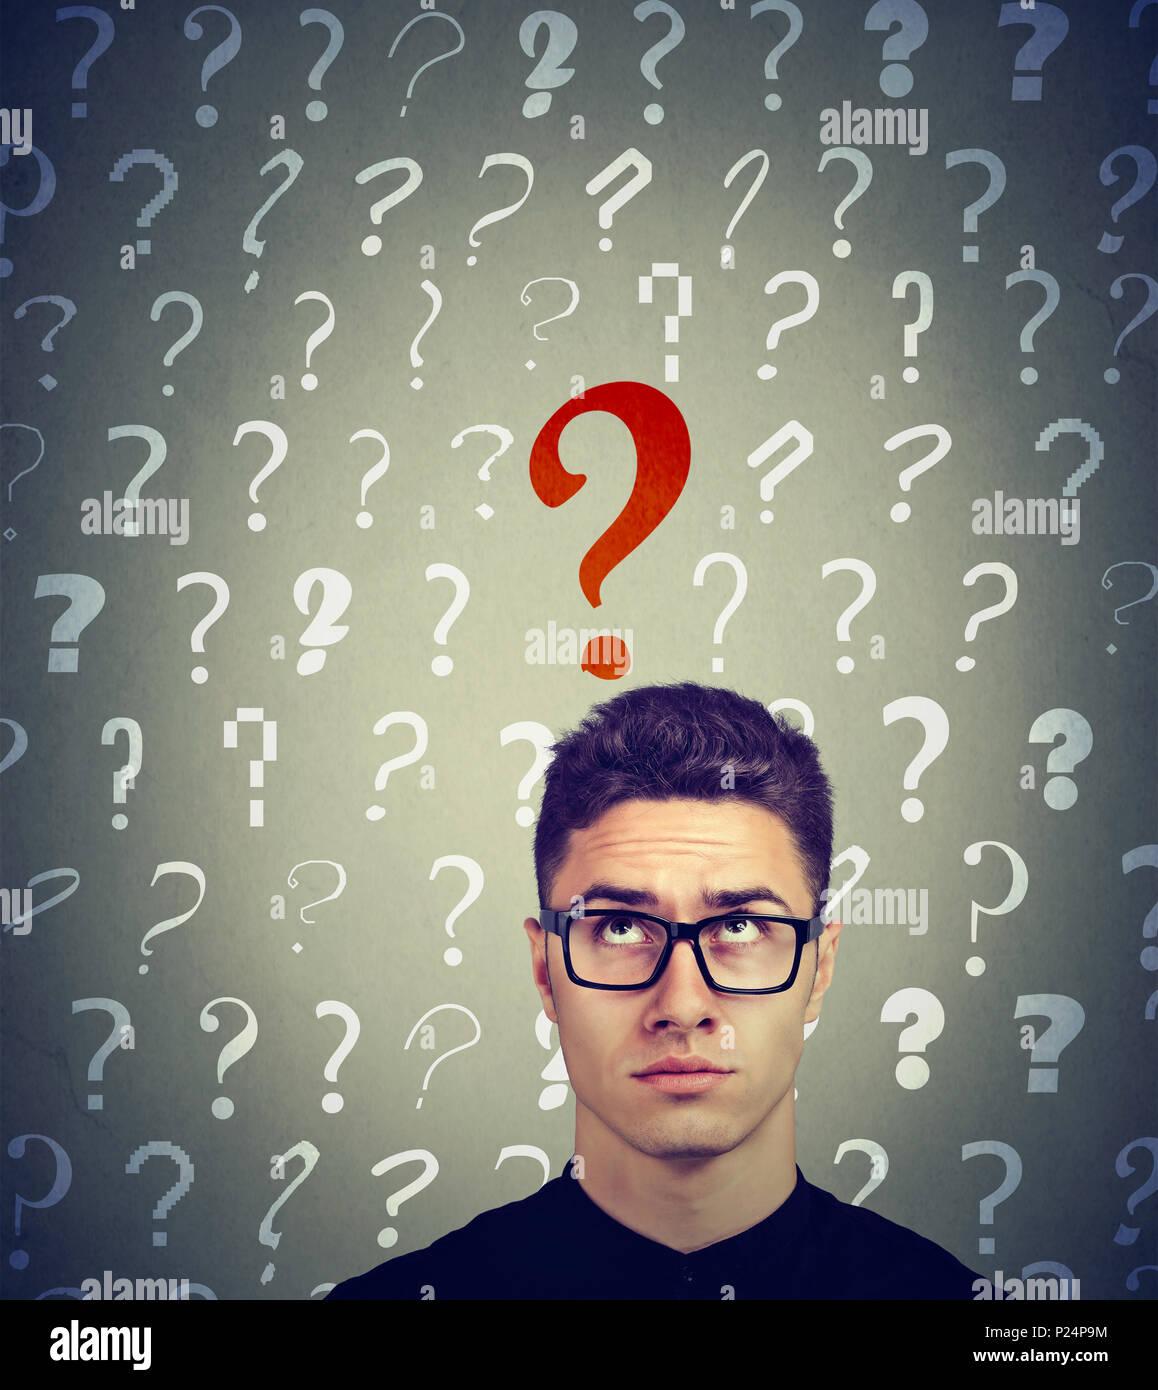 Serious Business Mann suchen, um sich an einer Taste rot Frage Stockbild